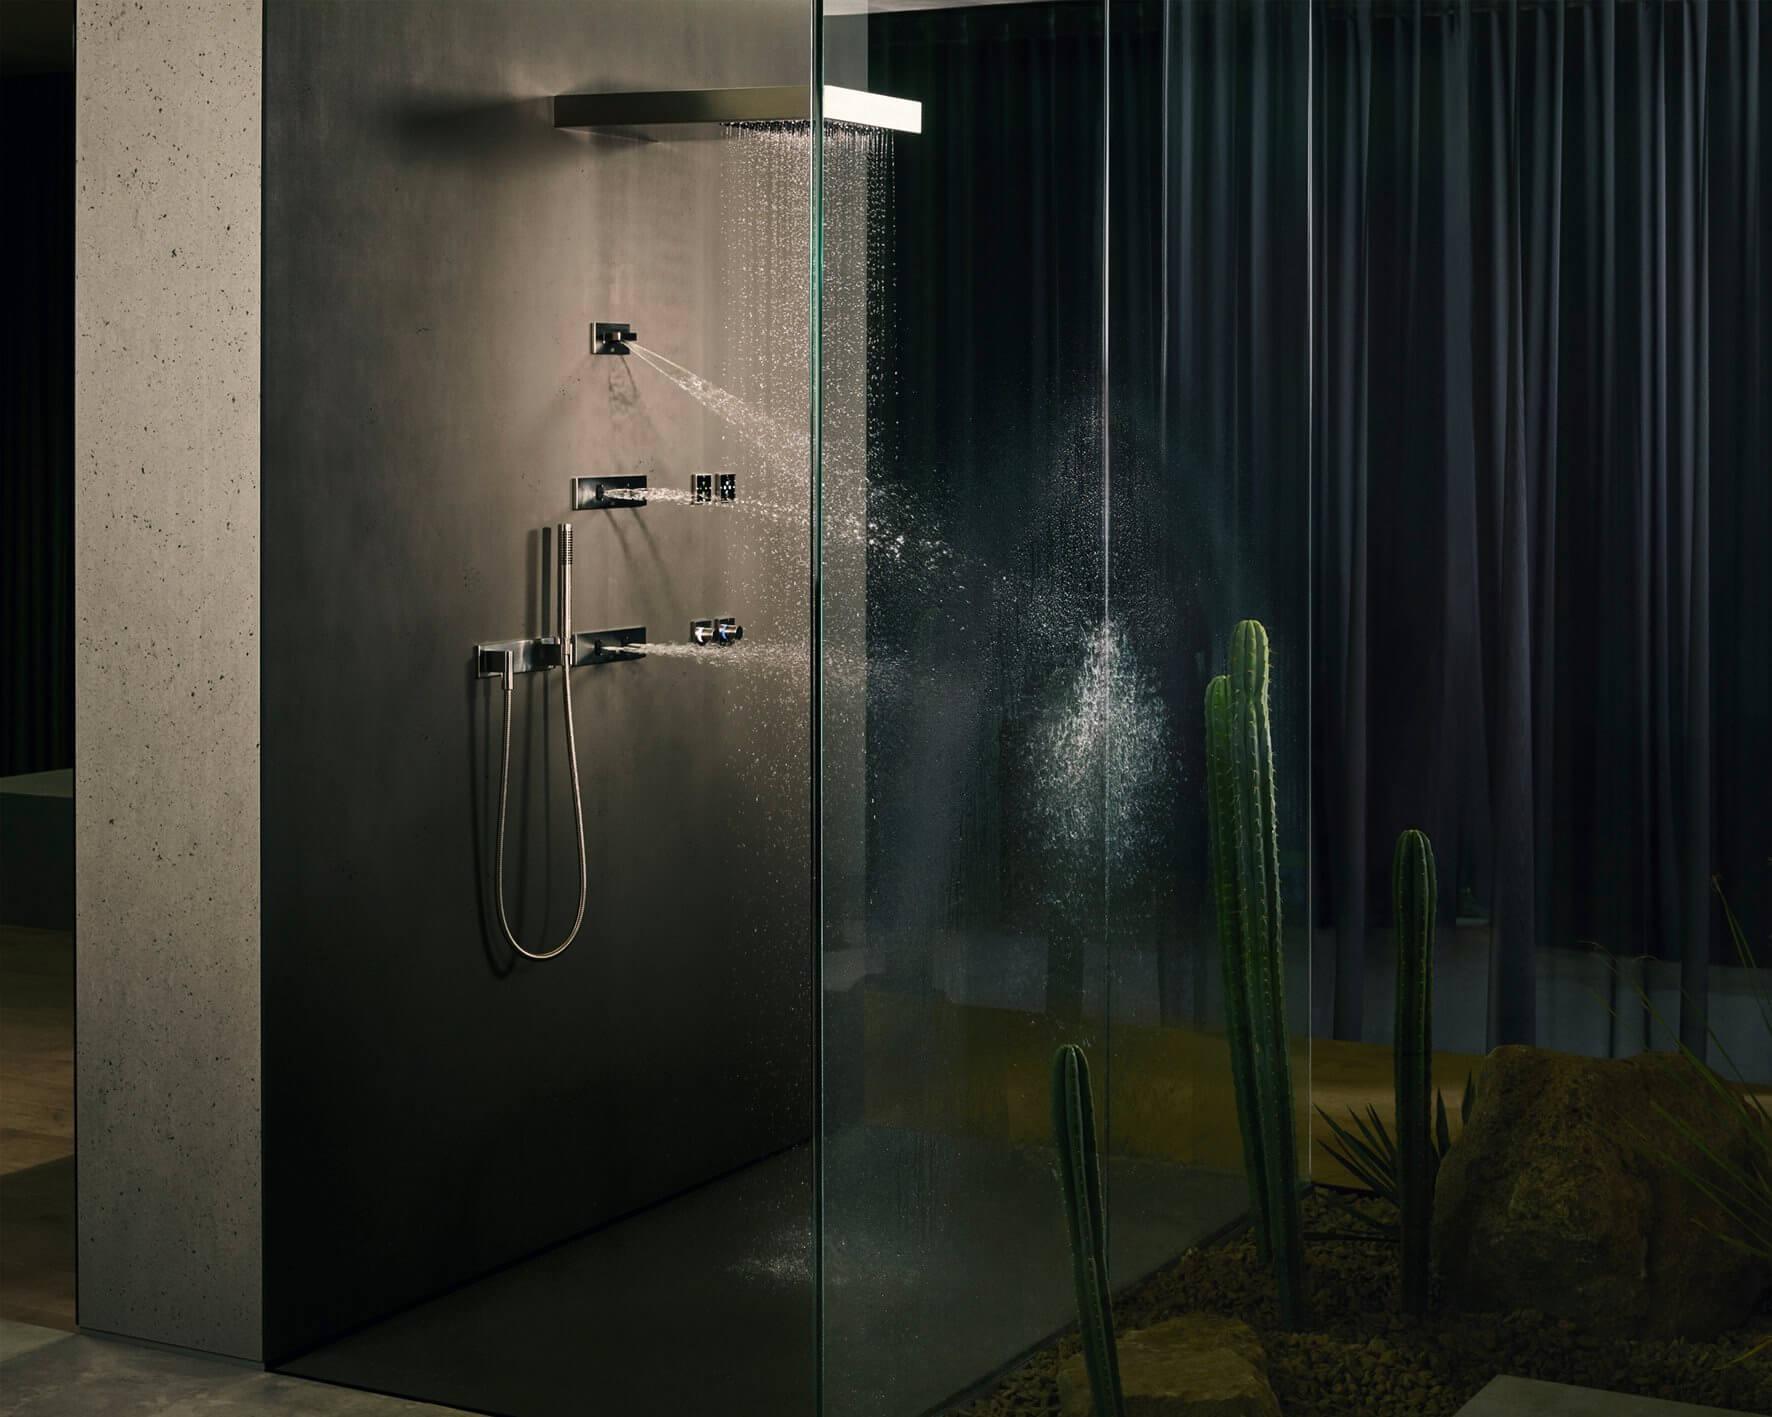 Mit LifeSpa wurde die Idee einer gesundheitsorientierten Badgestaltung von einem Badgestalter auf eine neue Stufe gehoben. Das Konzept steht für eine ganzheitliche Badplanung und -ausstattung im Sinne einer gesunden und präventiven Lebensweise – im privaten Bad oder Home Spa wie auch im exklusiven Hotel- und Wellness-Umfeld.